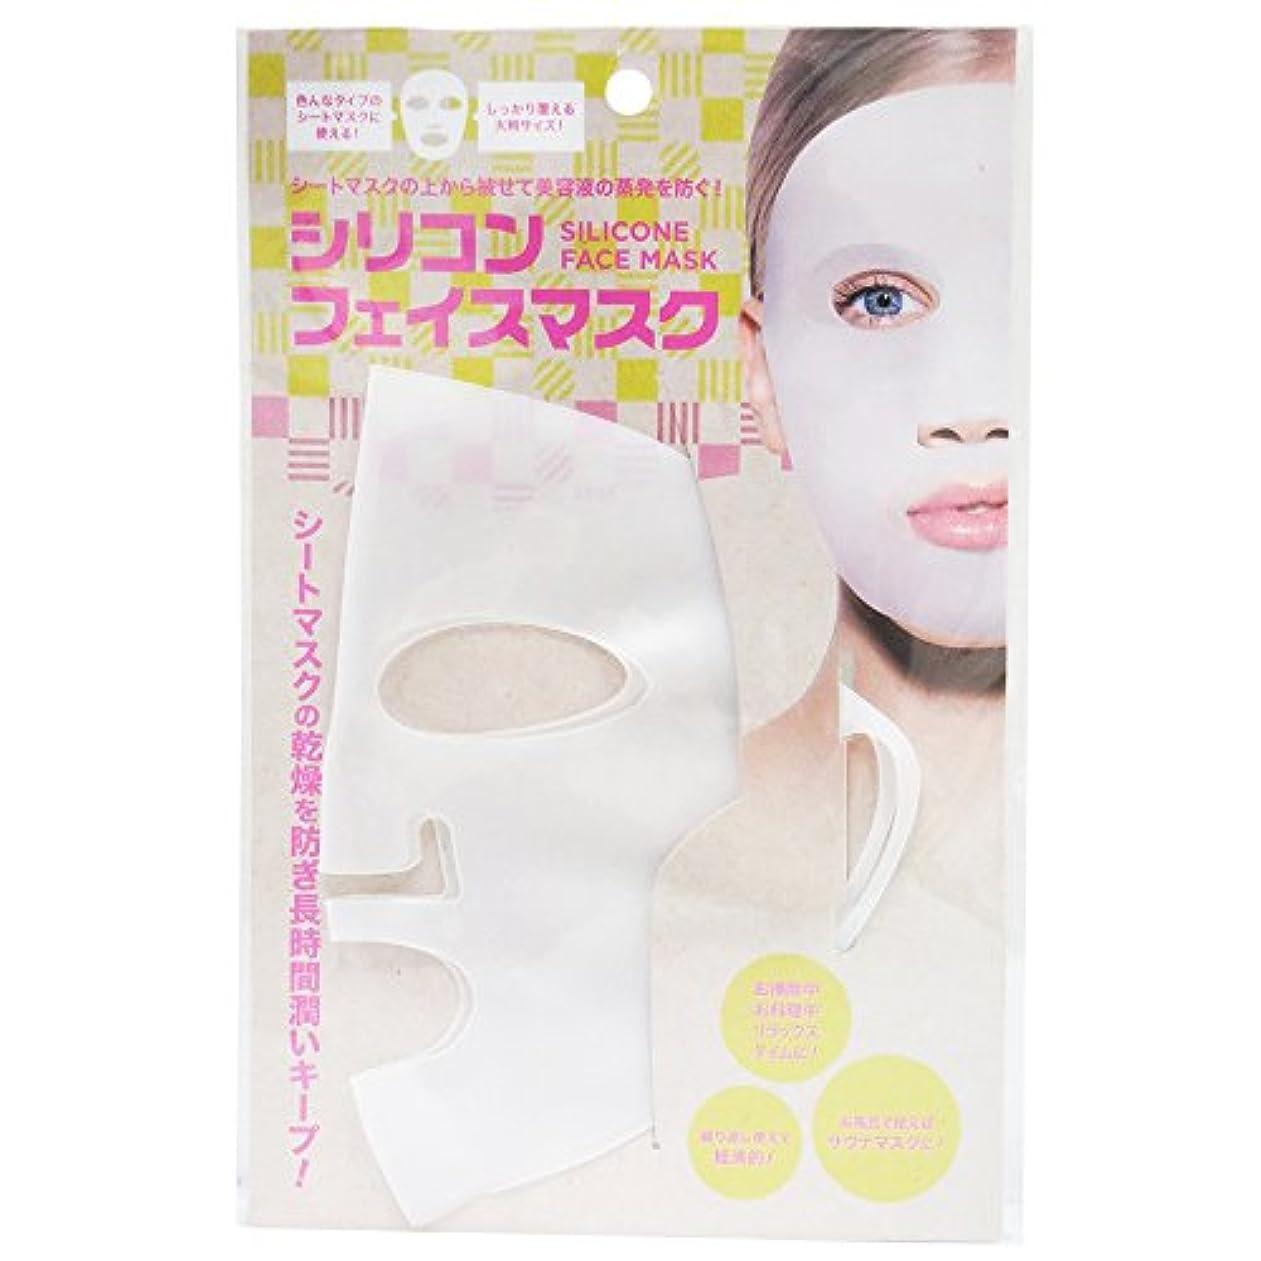 スモッグかける懇願するシリコンフェイスマスク